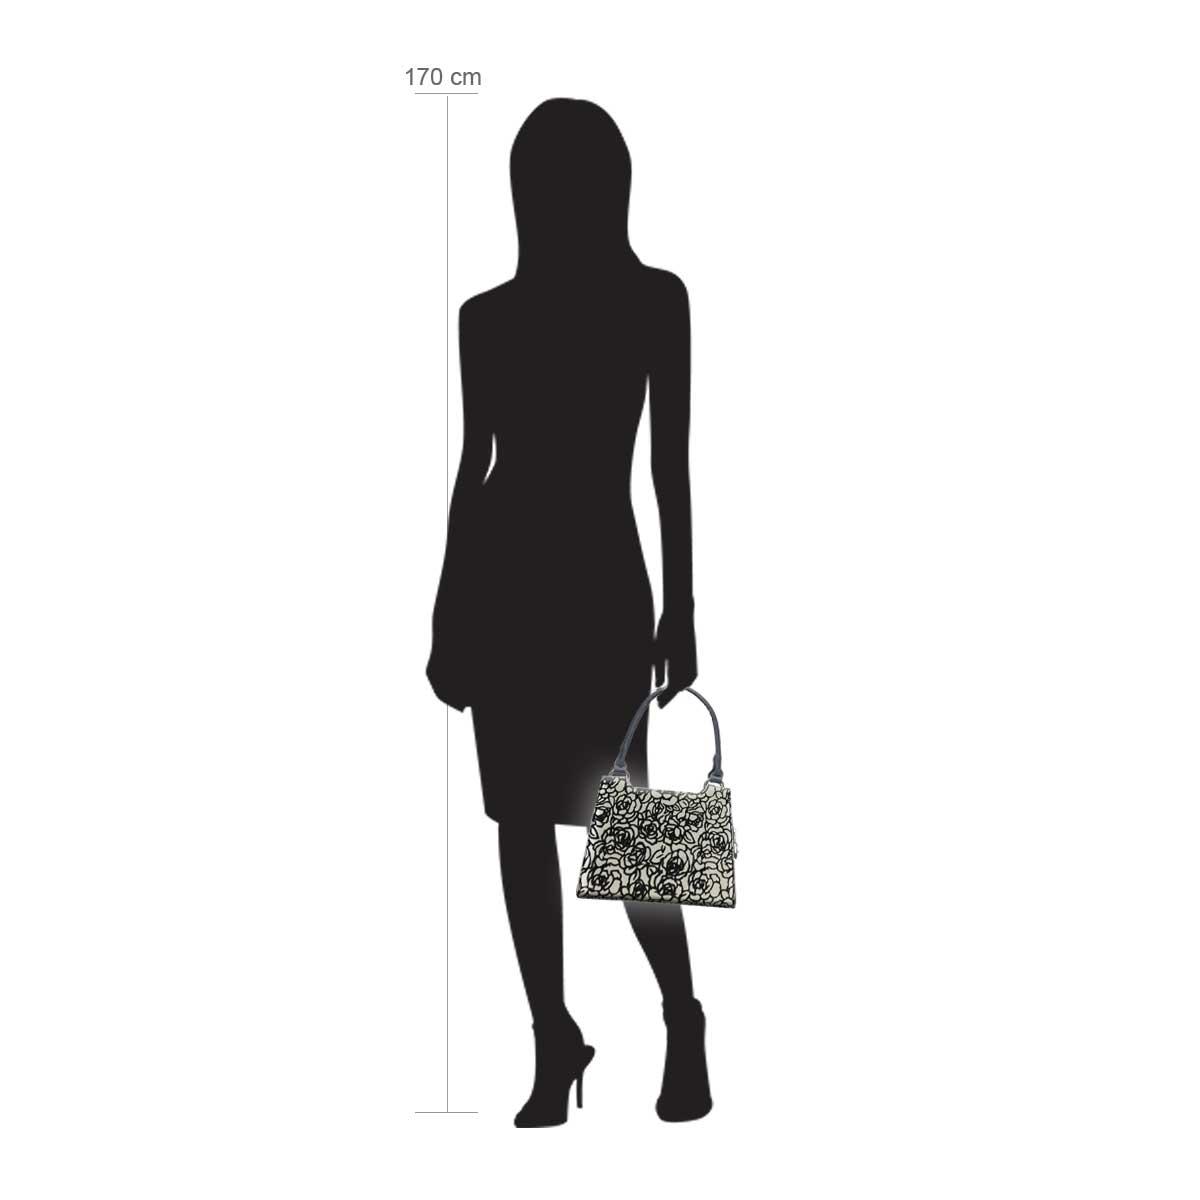 Modellpuppe 170 cm groß zeigt die Handtaschengröße an der Person Modell:Marrakesch